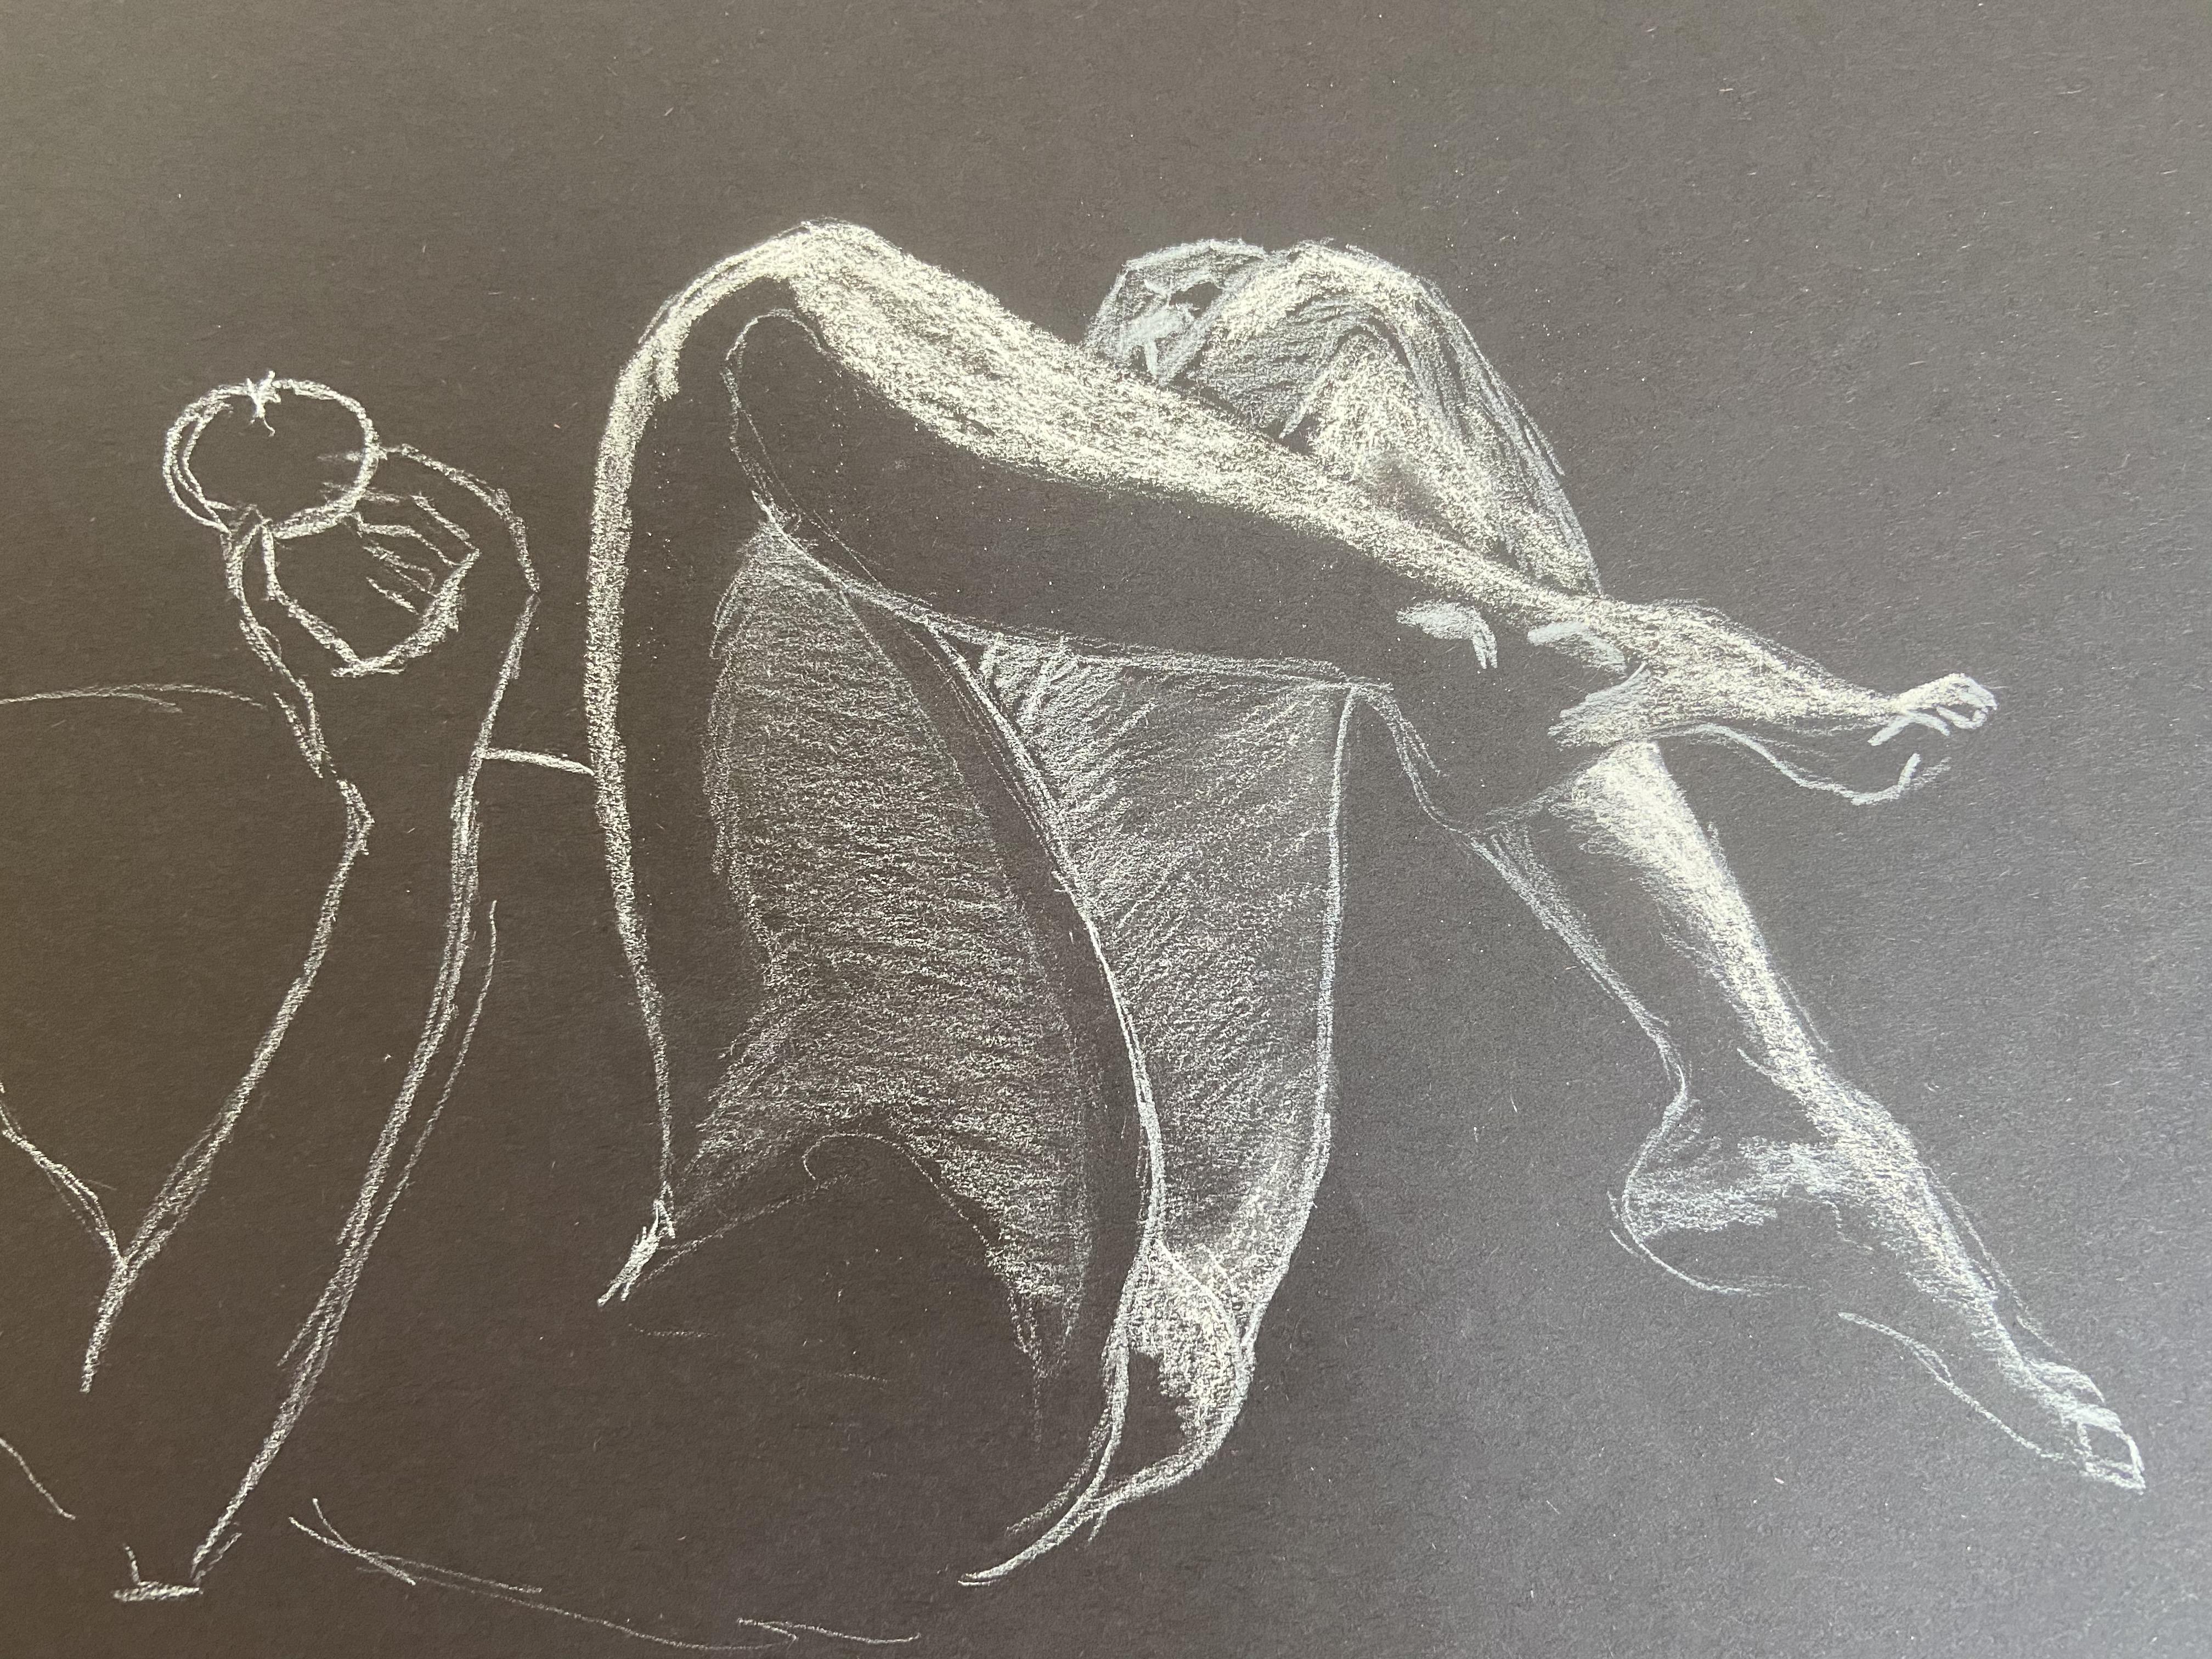 Dessin craie blanche sur papier noir  cours de dessin